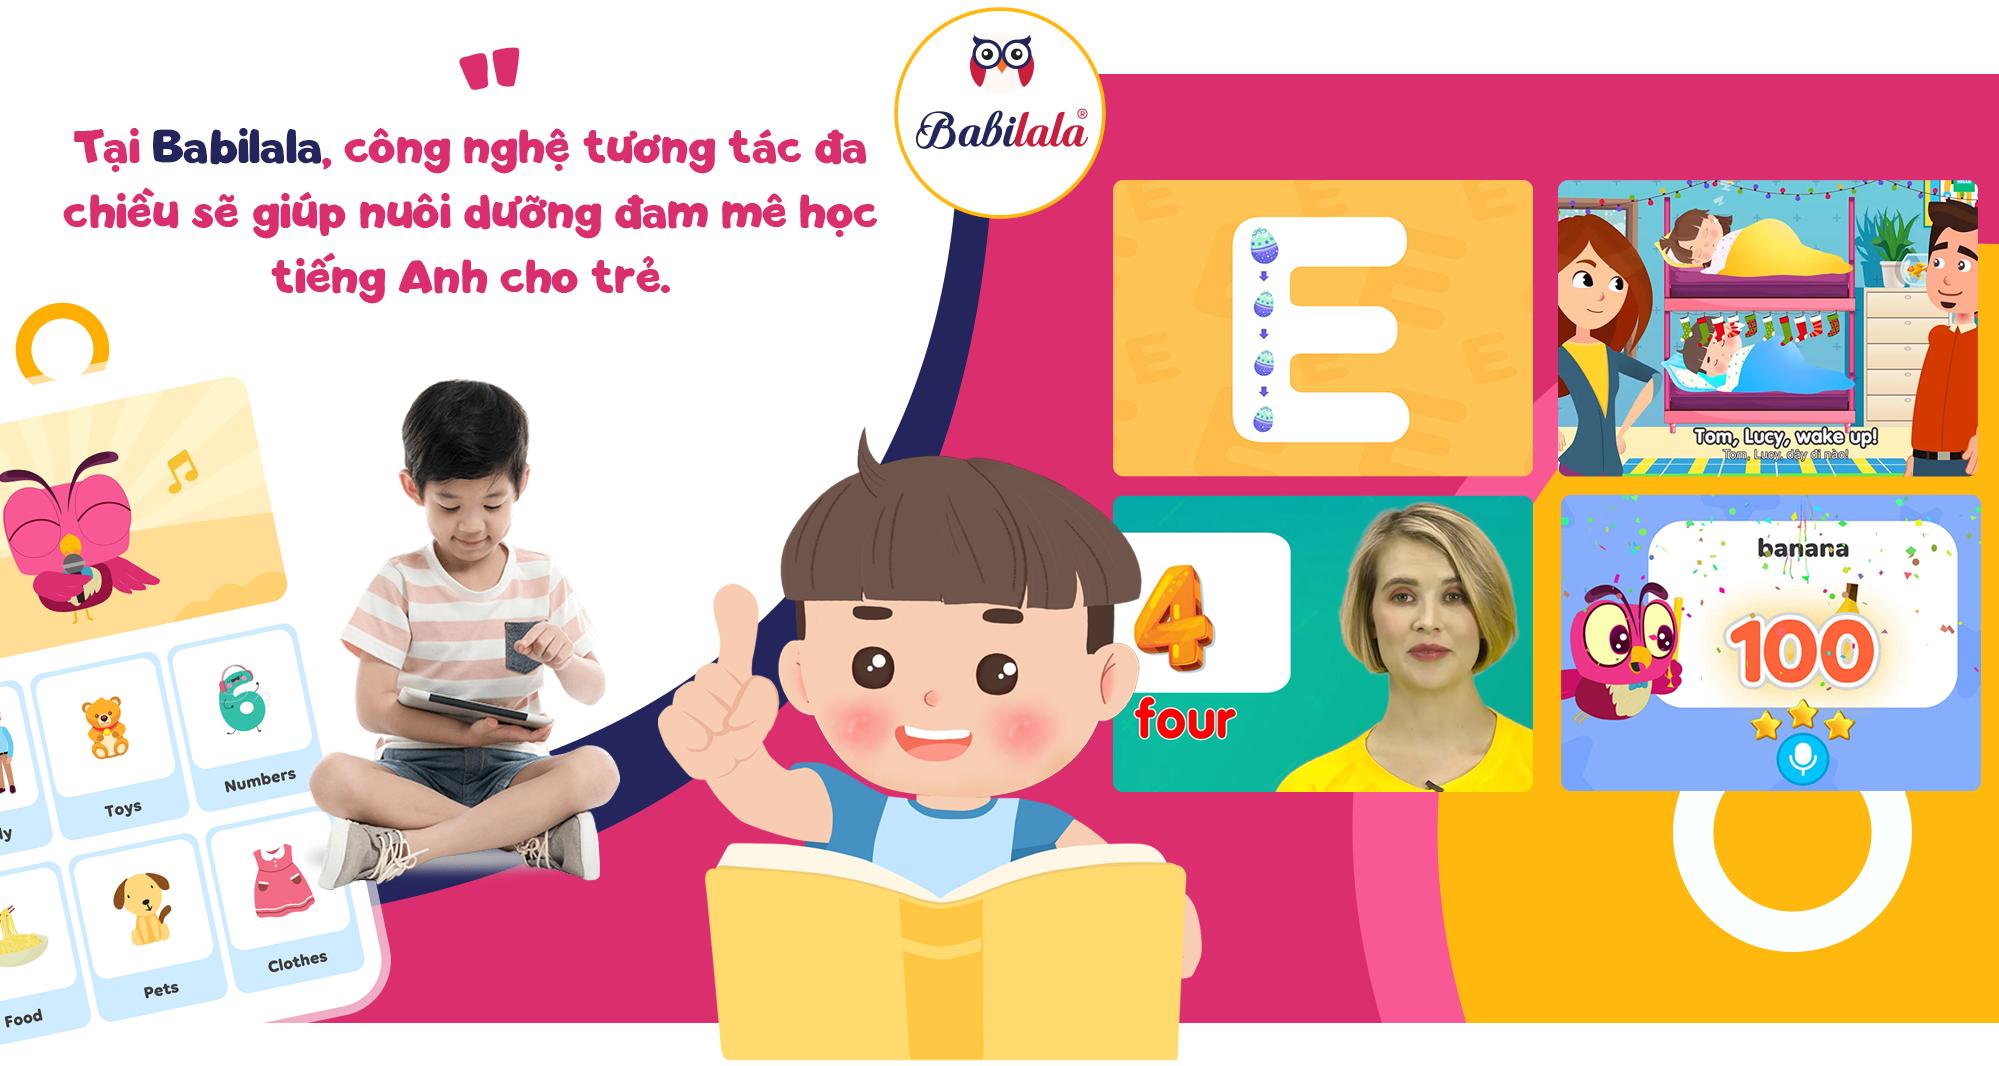 Học ngoại ngữ sớm là phương thức hiệu quả giúp con tự tin trong cuộc sống - Ảnh 8.